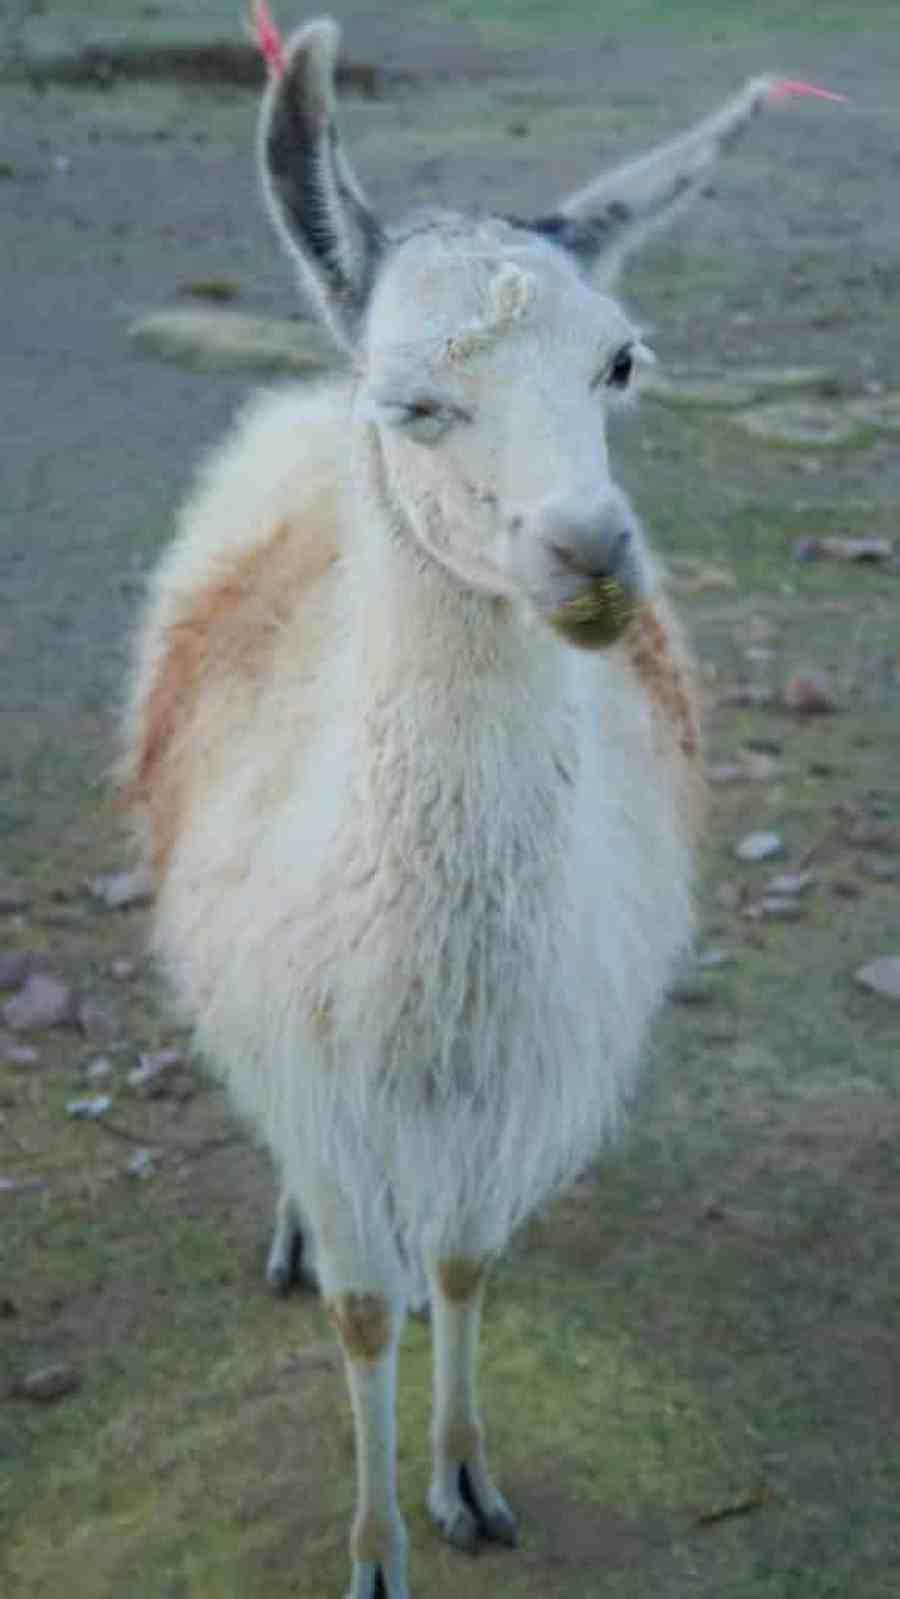 Bolivia Salt Flat Tour to Salar de uyuni. Llama